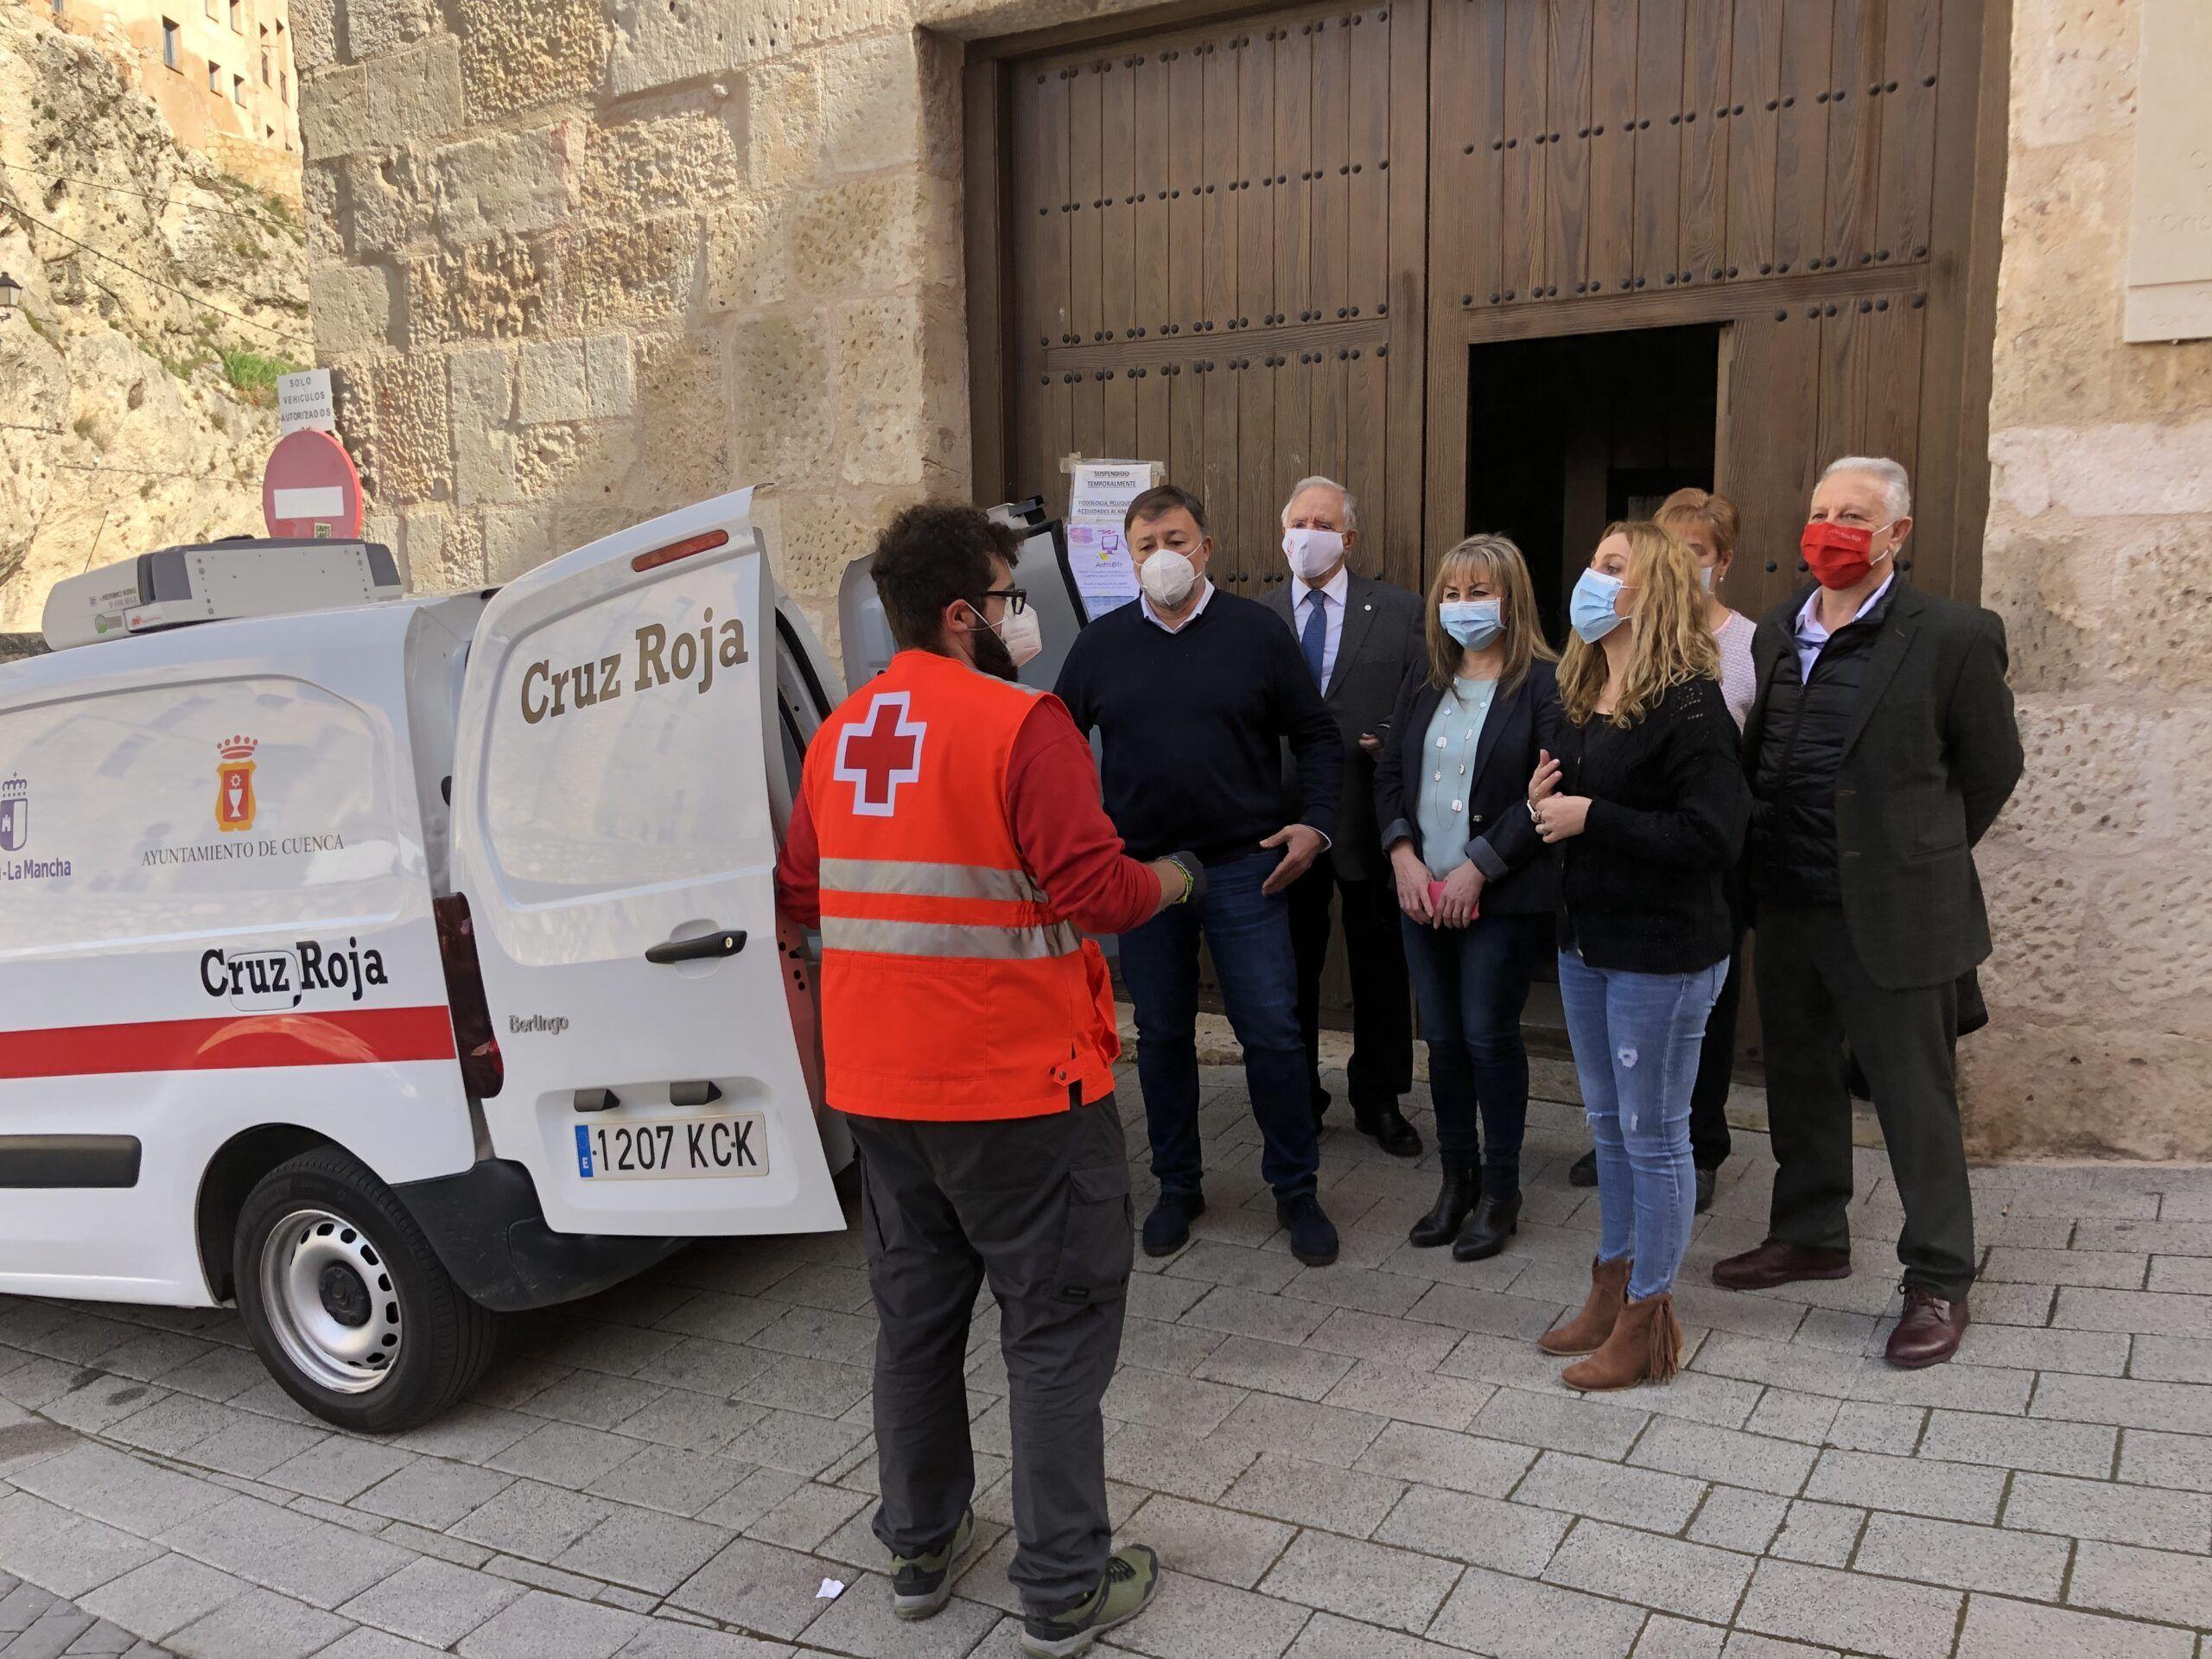 Un total de 66 mayores se benefician del Servicio de Comidas a Domicilio puesto en marcha por Ayuntamiento y Junta en colaboración con Cruz Roja